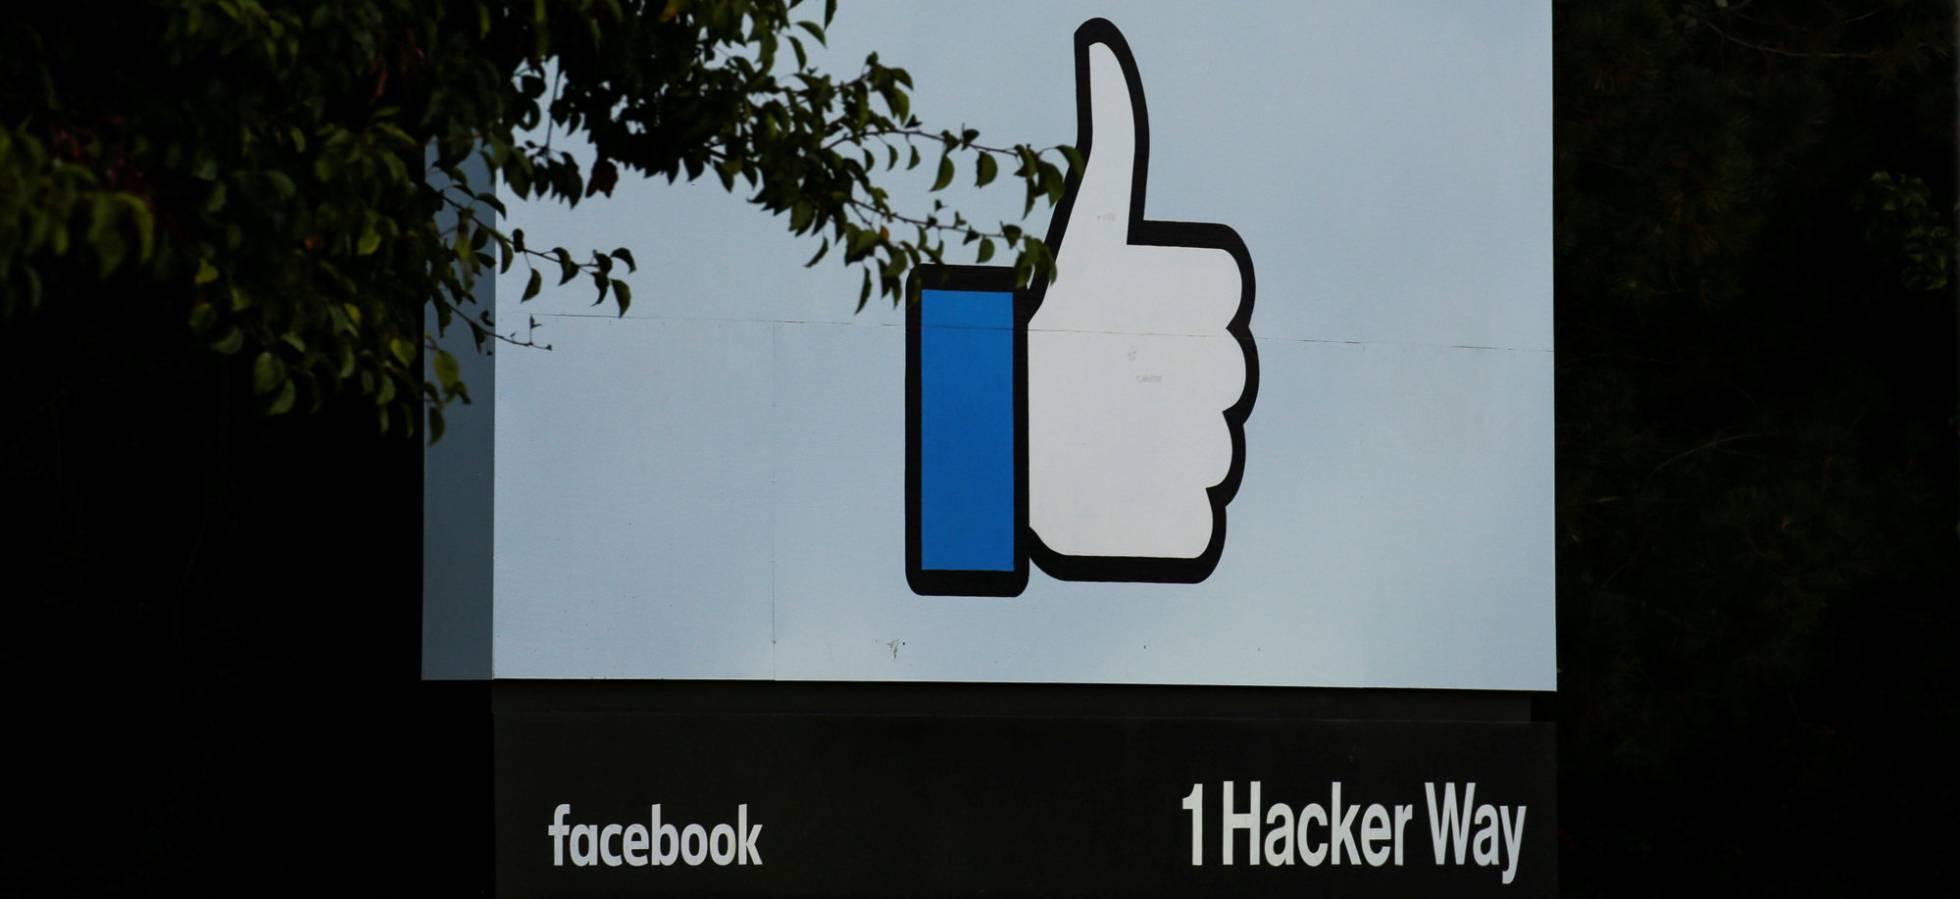 Facebook admite el 'hackeo' de 29 millones de cuentas y avisa a sus usuarios de que vigilen sus mensajes